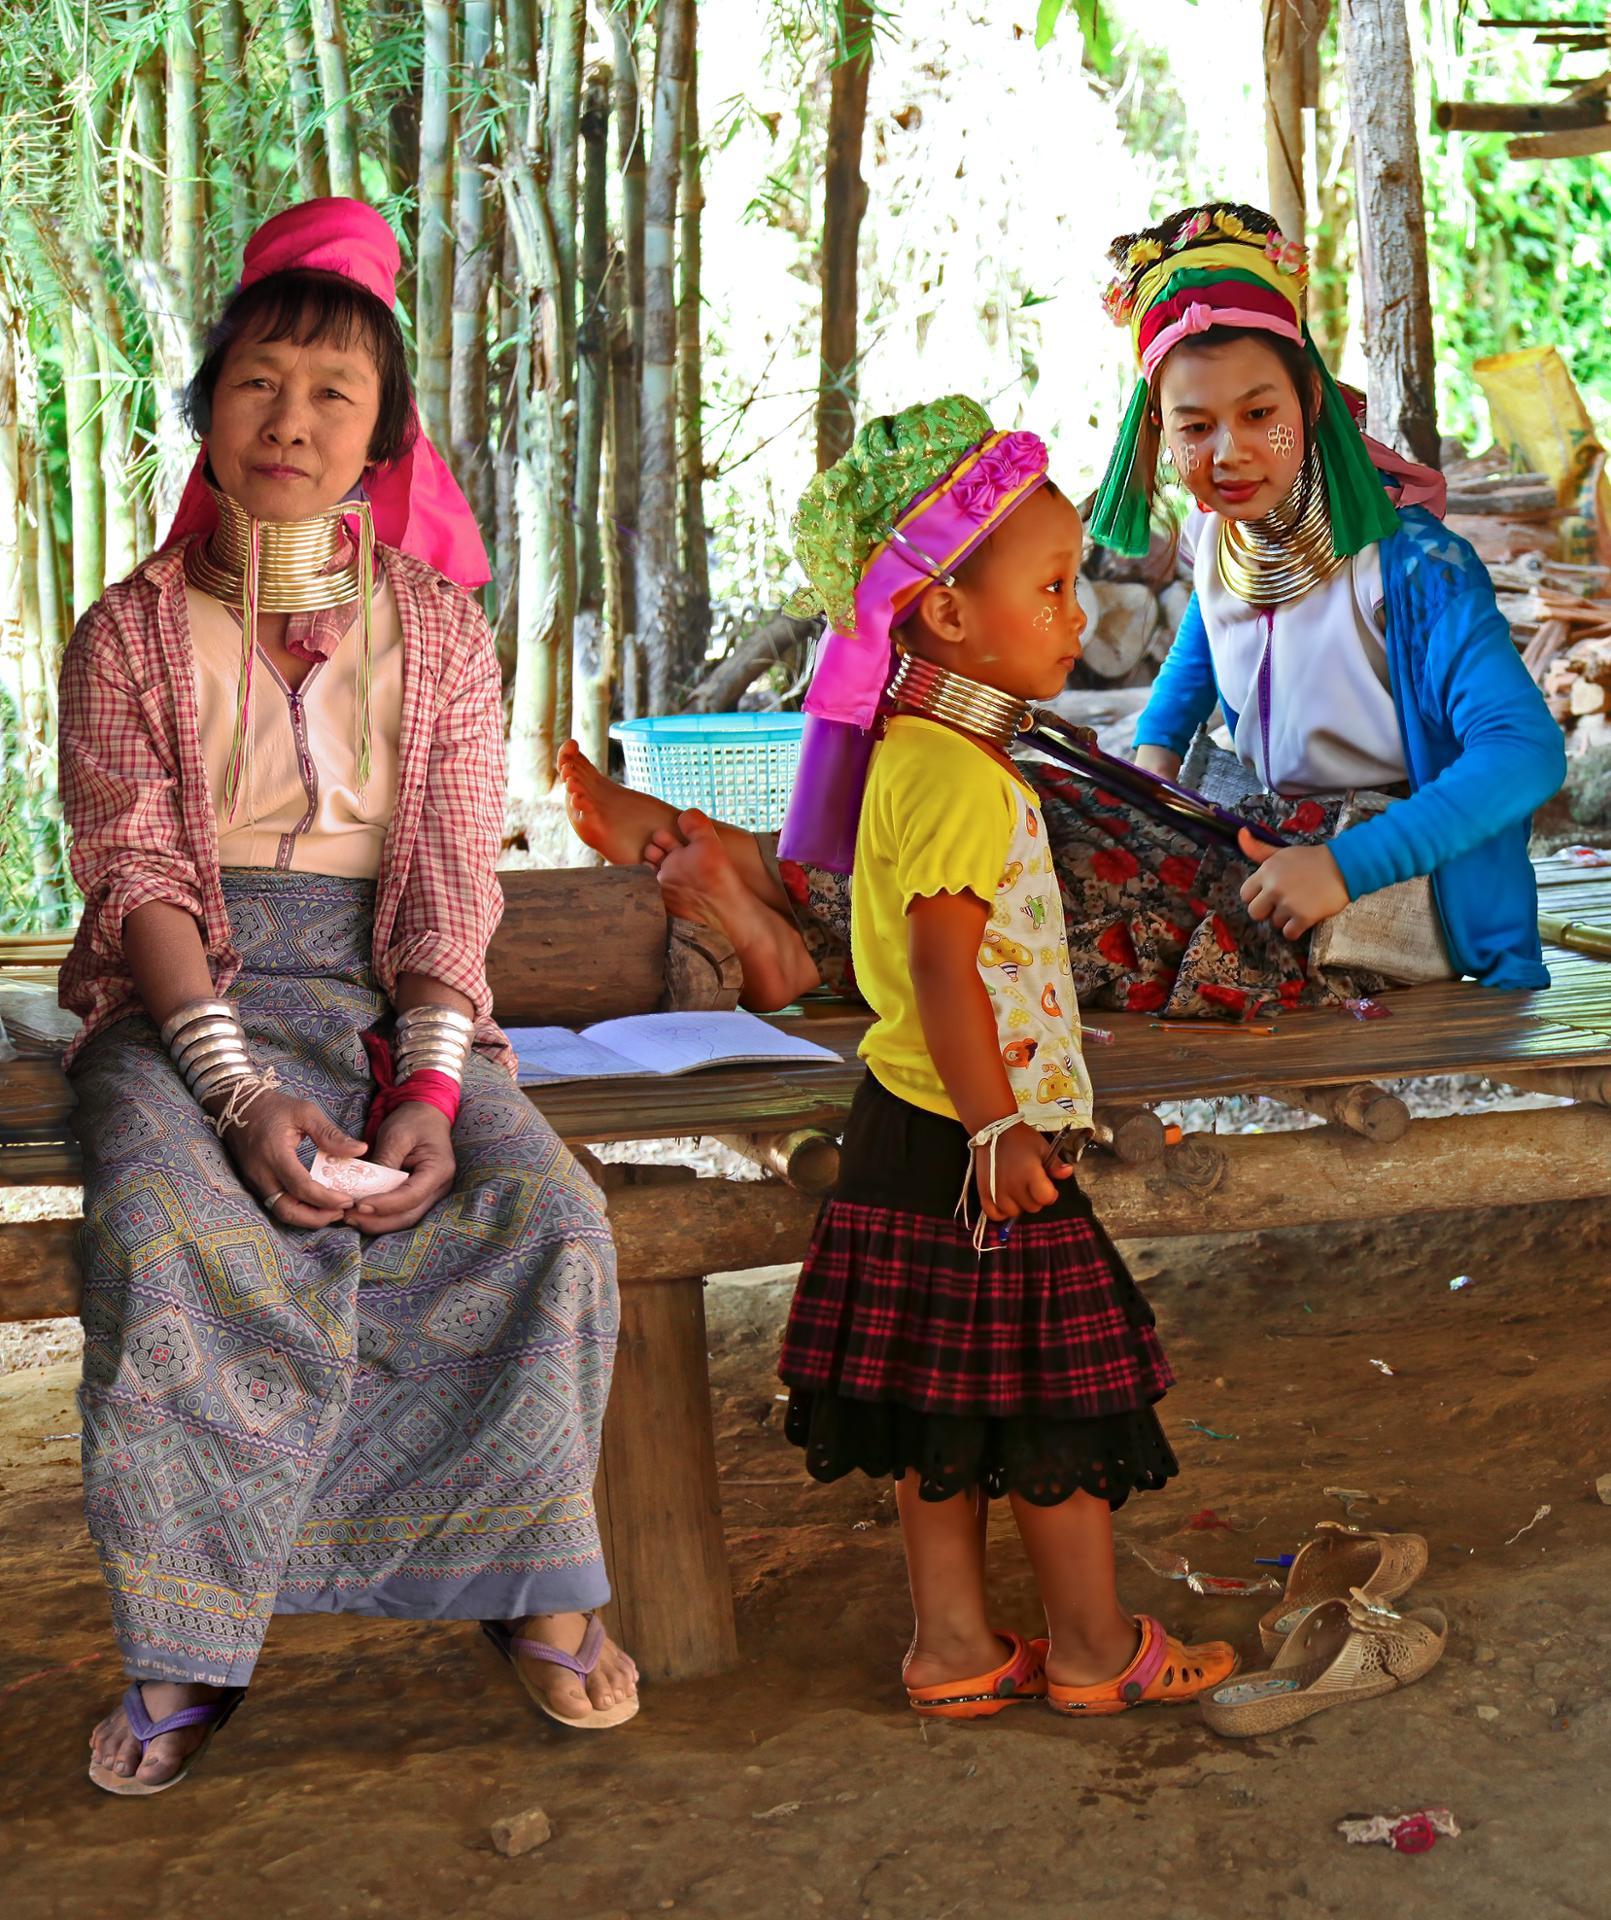 La fille, la mère et l' arrière-arrière-arrière grand-mère.